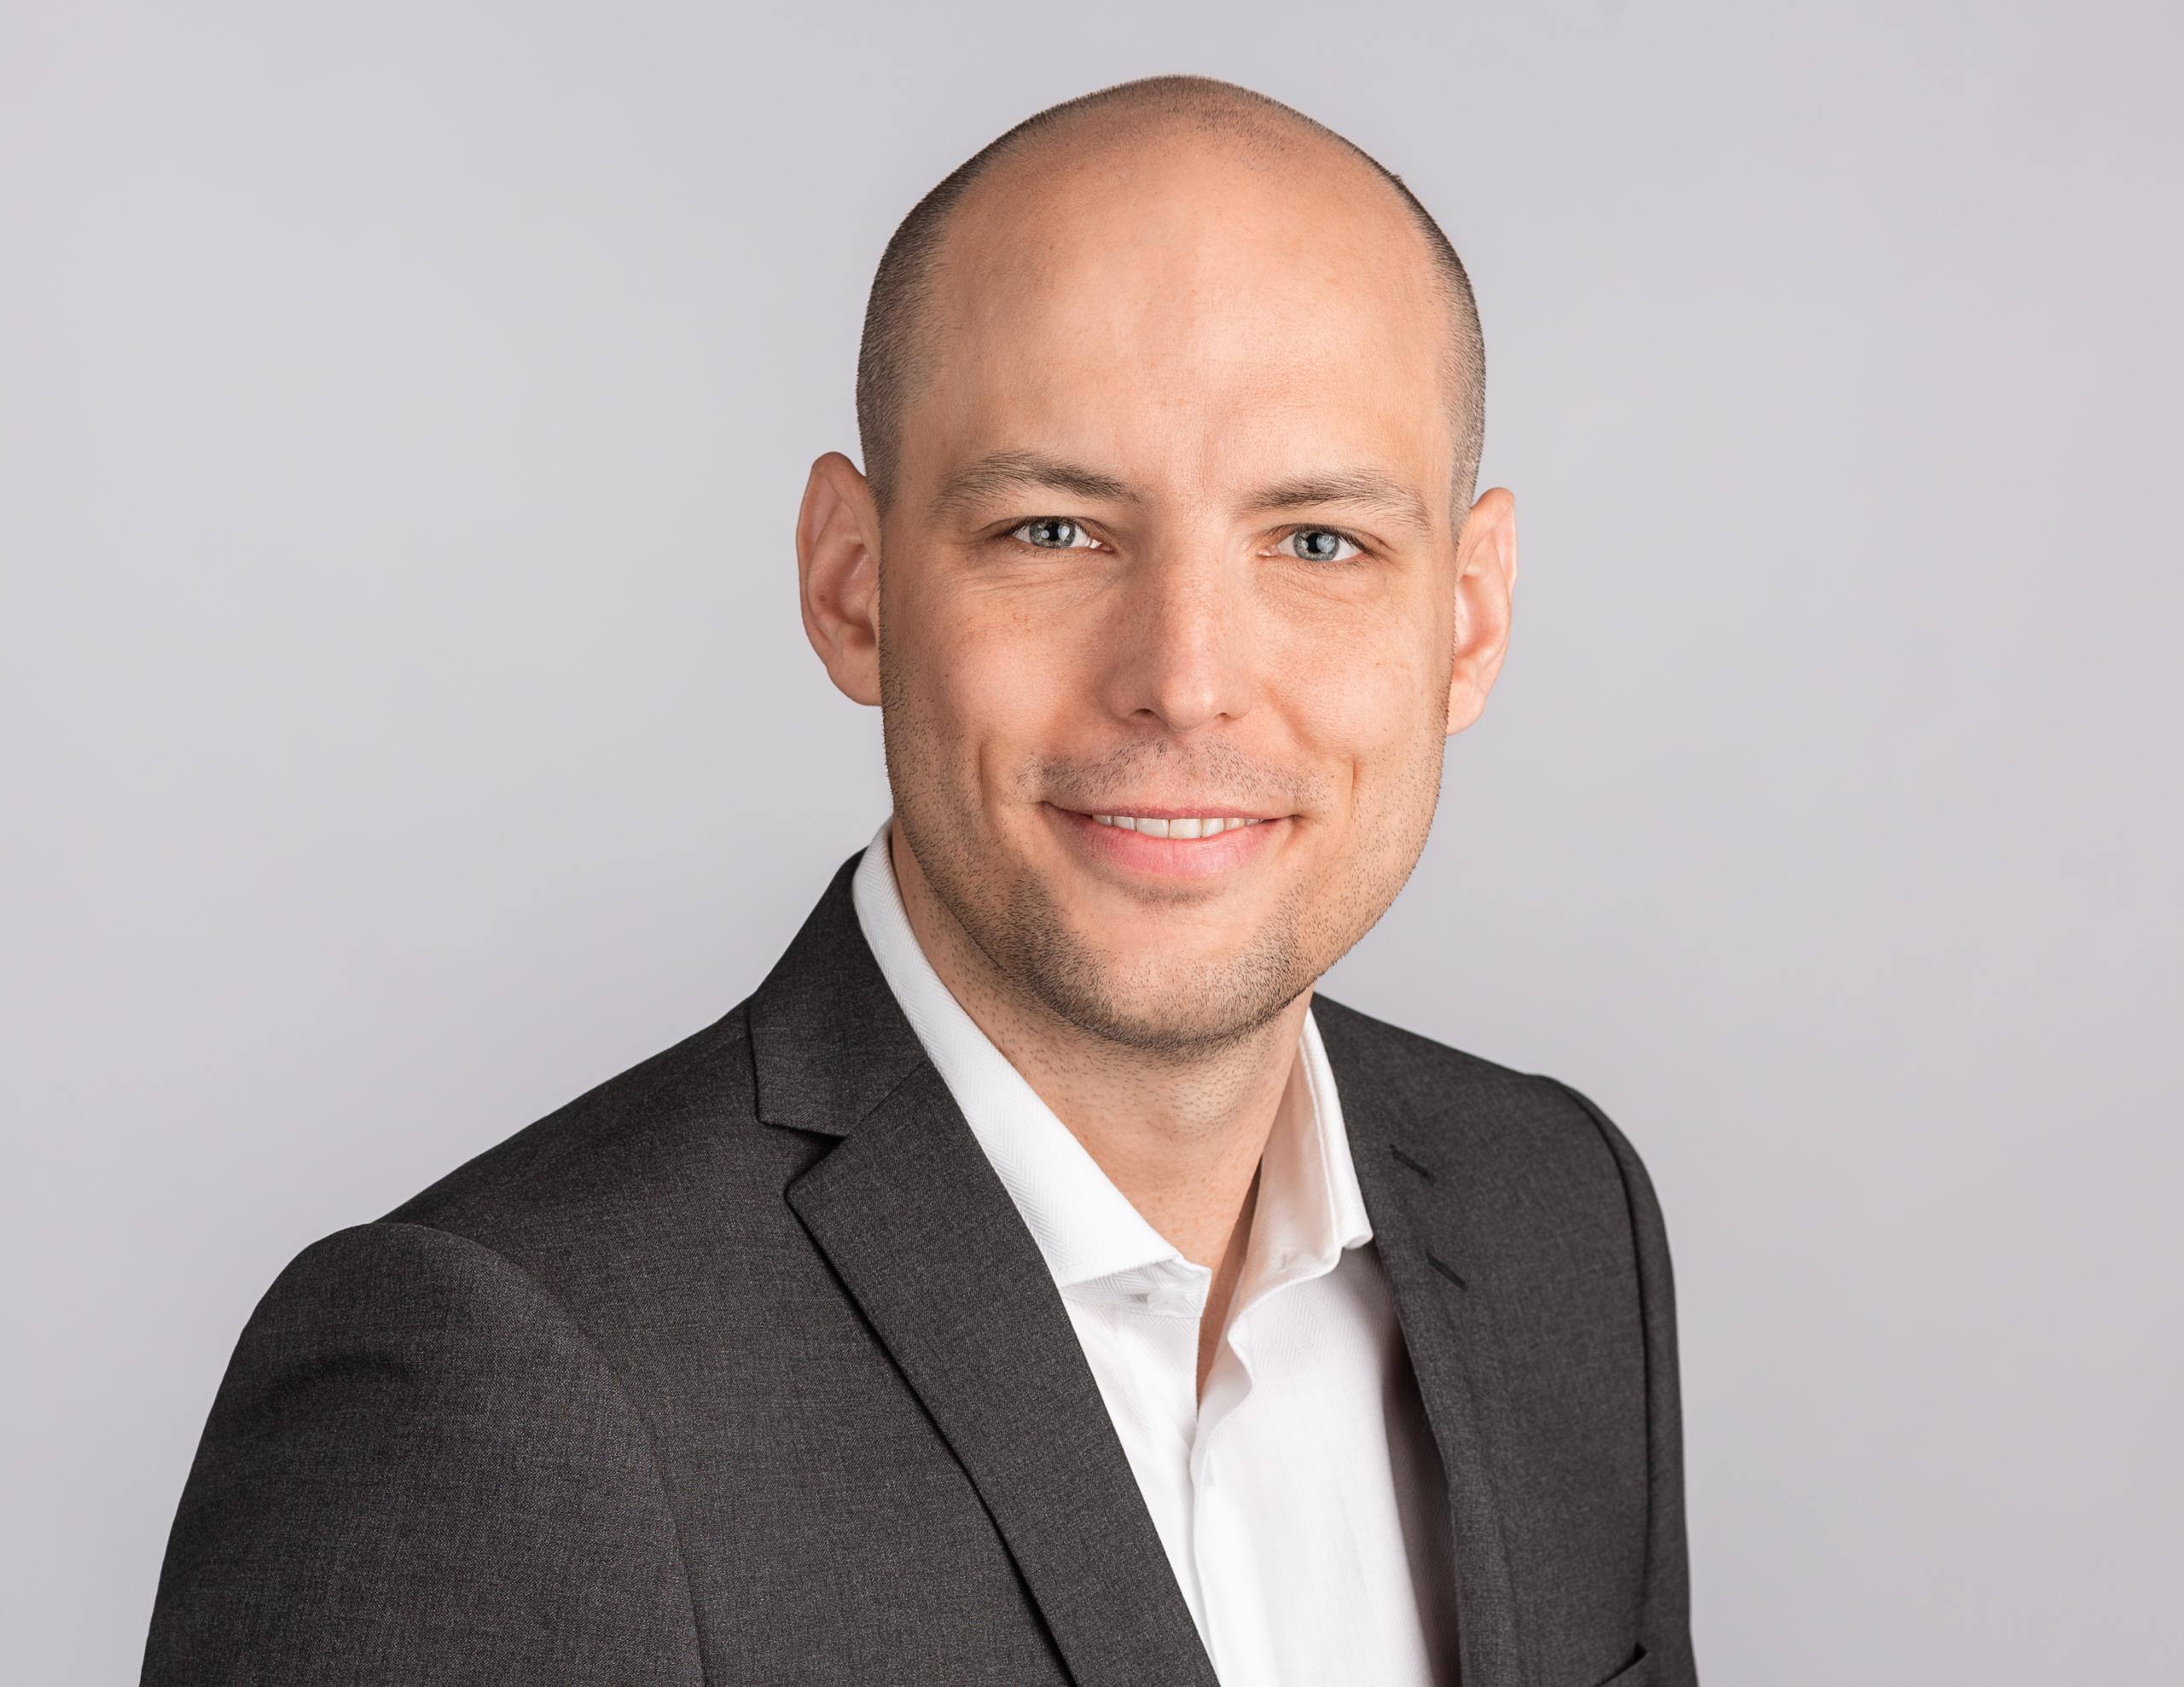 Florian Purnhagen